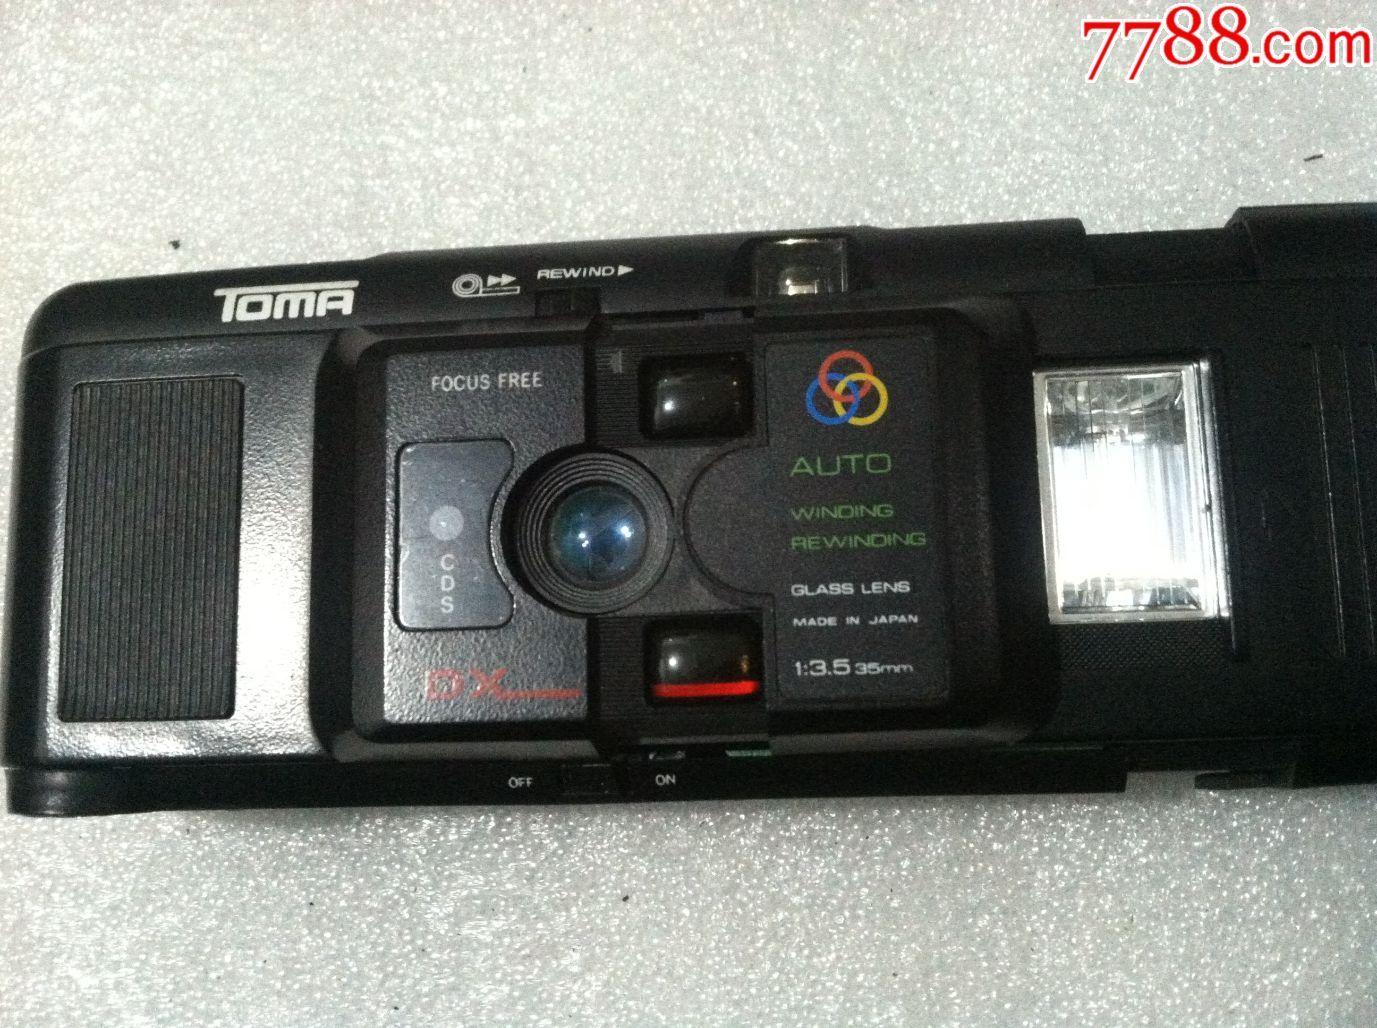 日产toma-m-616带包装封套--相机【按图出售】_价格5元_第3张